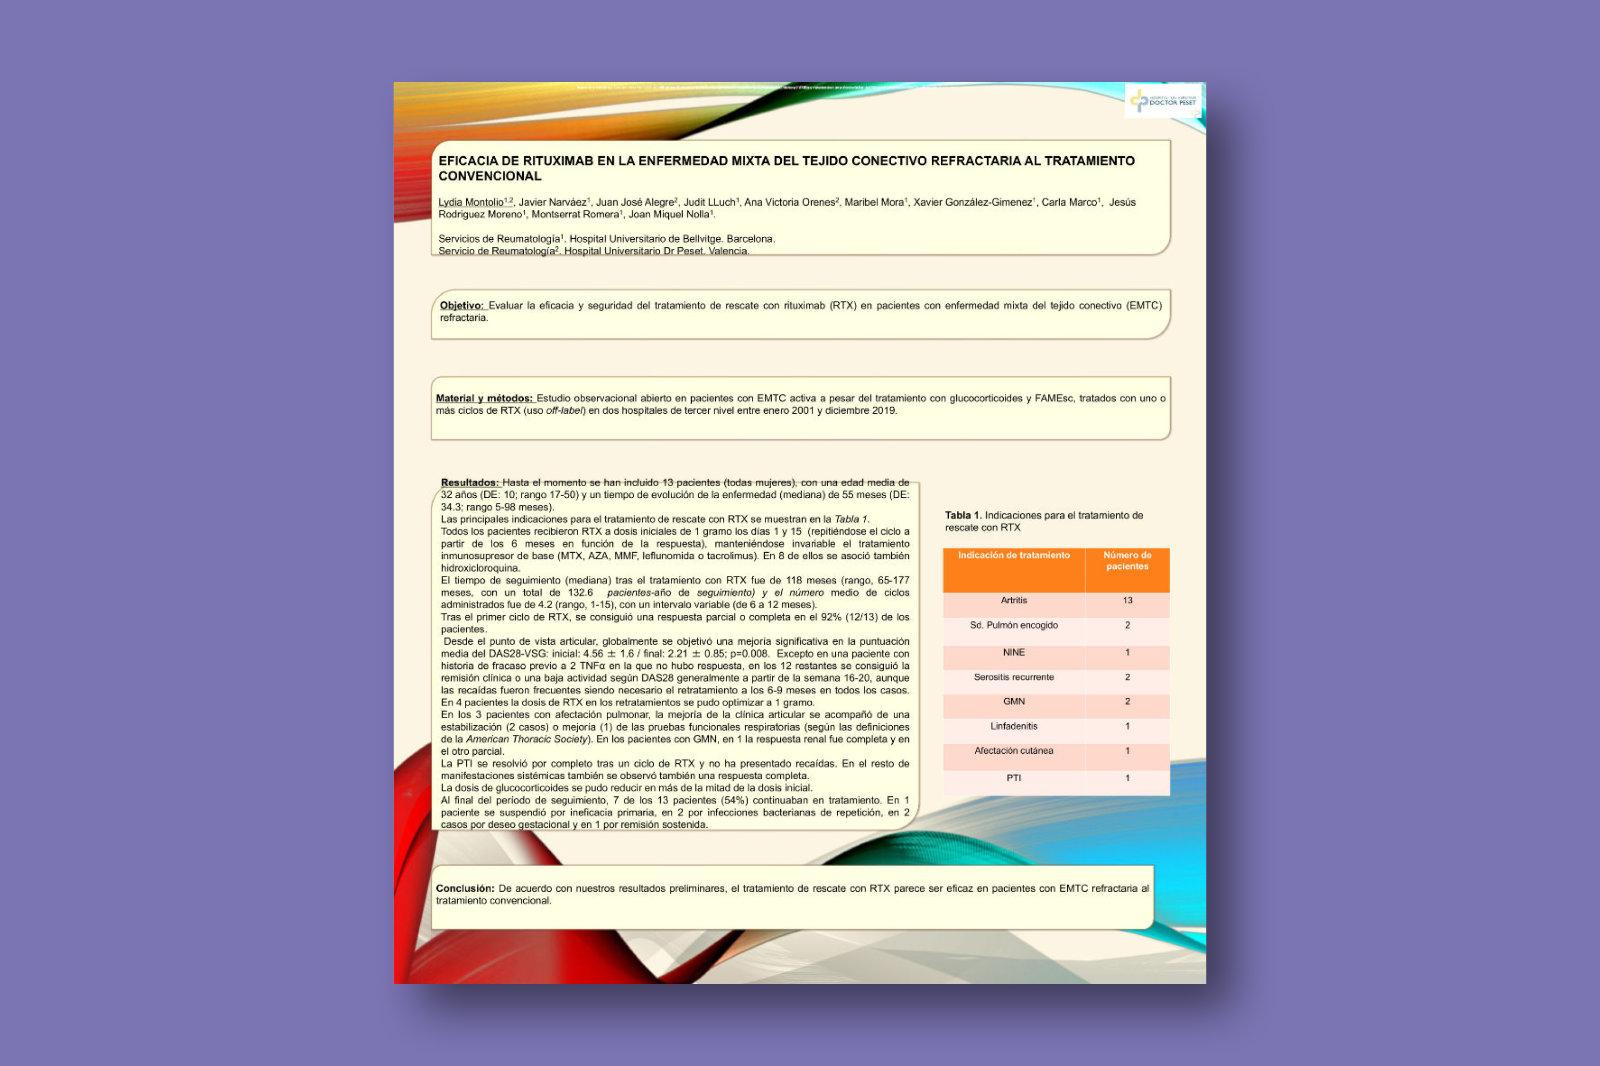 Eficacia de rituximab en la enfermedad mixta del tejido conectivo refractaria al tratamiento convencional